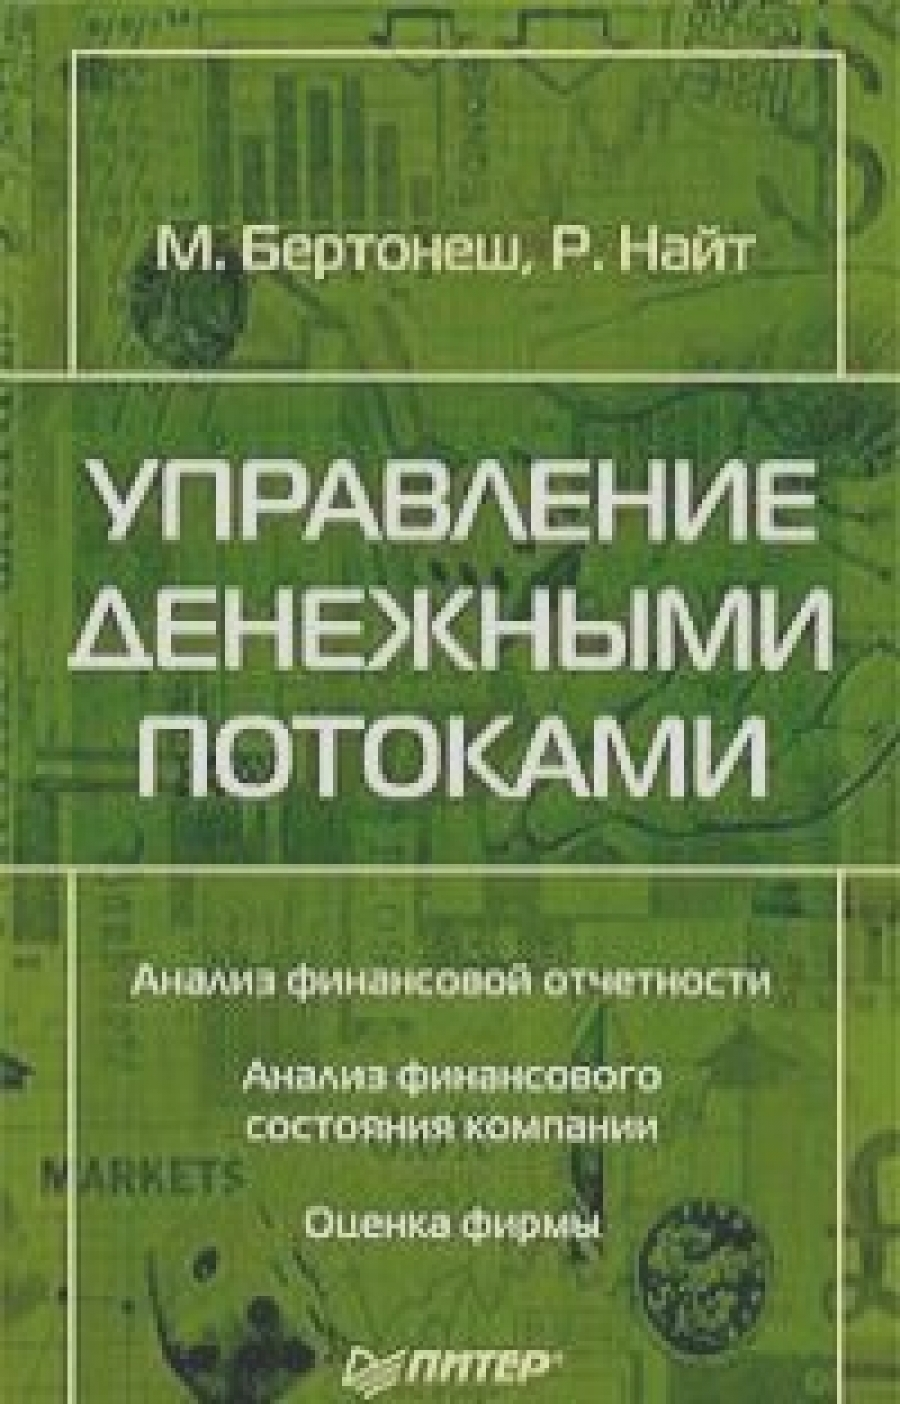 Обложка книги:  м. бертонеш, р. найт - управление денежными потоками.